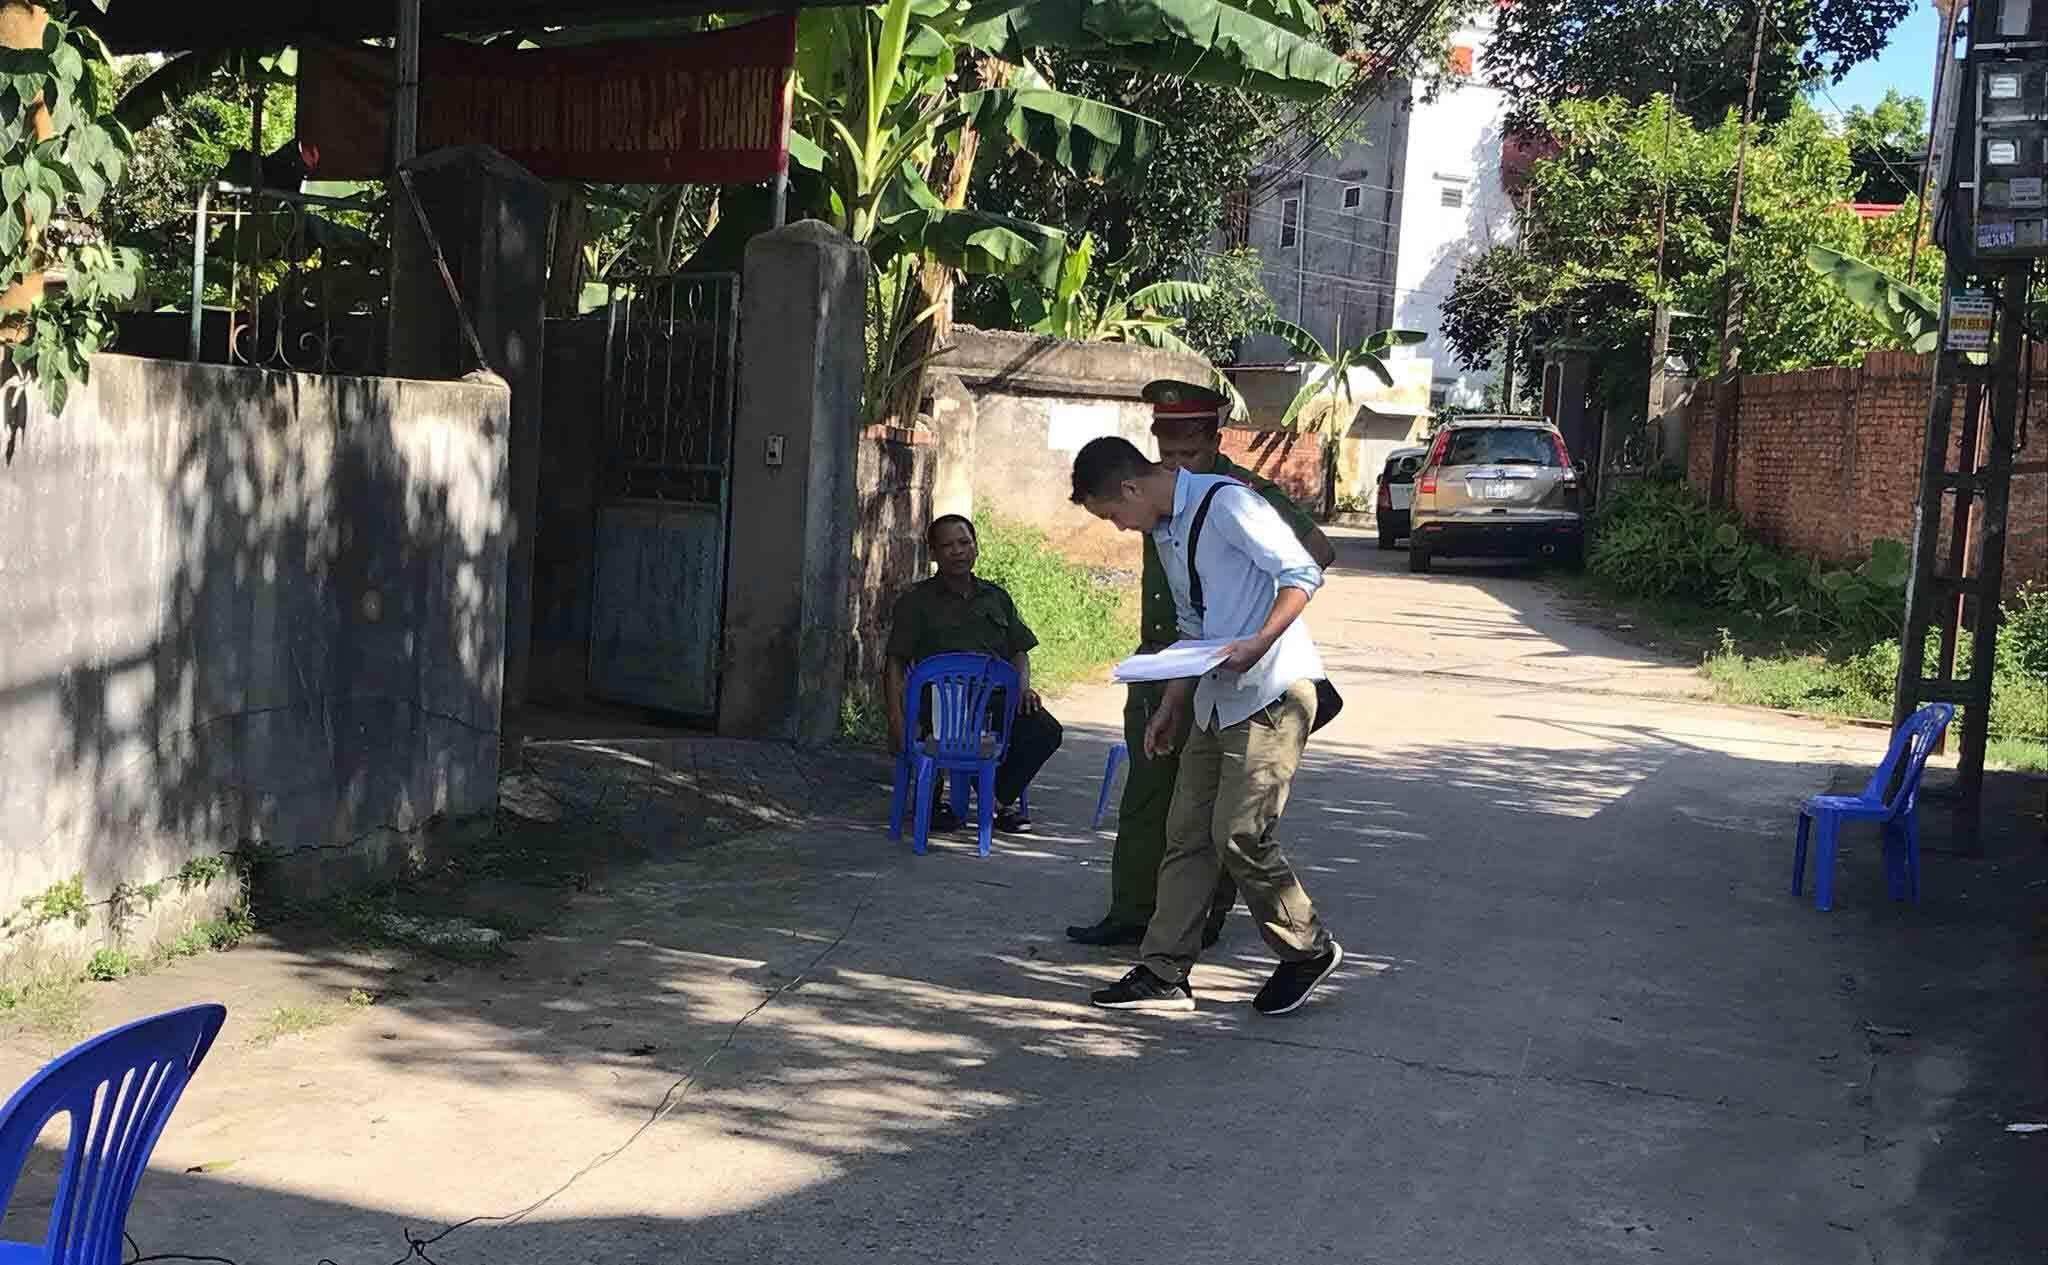 Vụ truy sát ở Sóc Sơn: Nữ nhân viên bị trưởng phòng chém tử vong